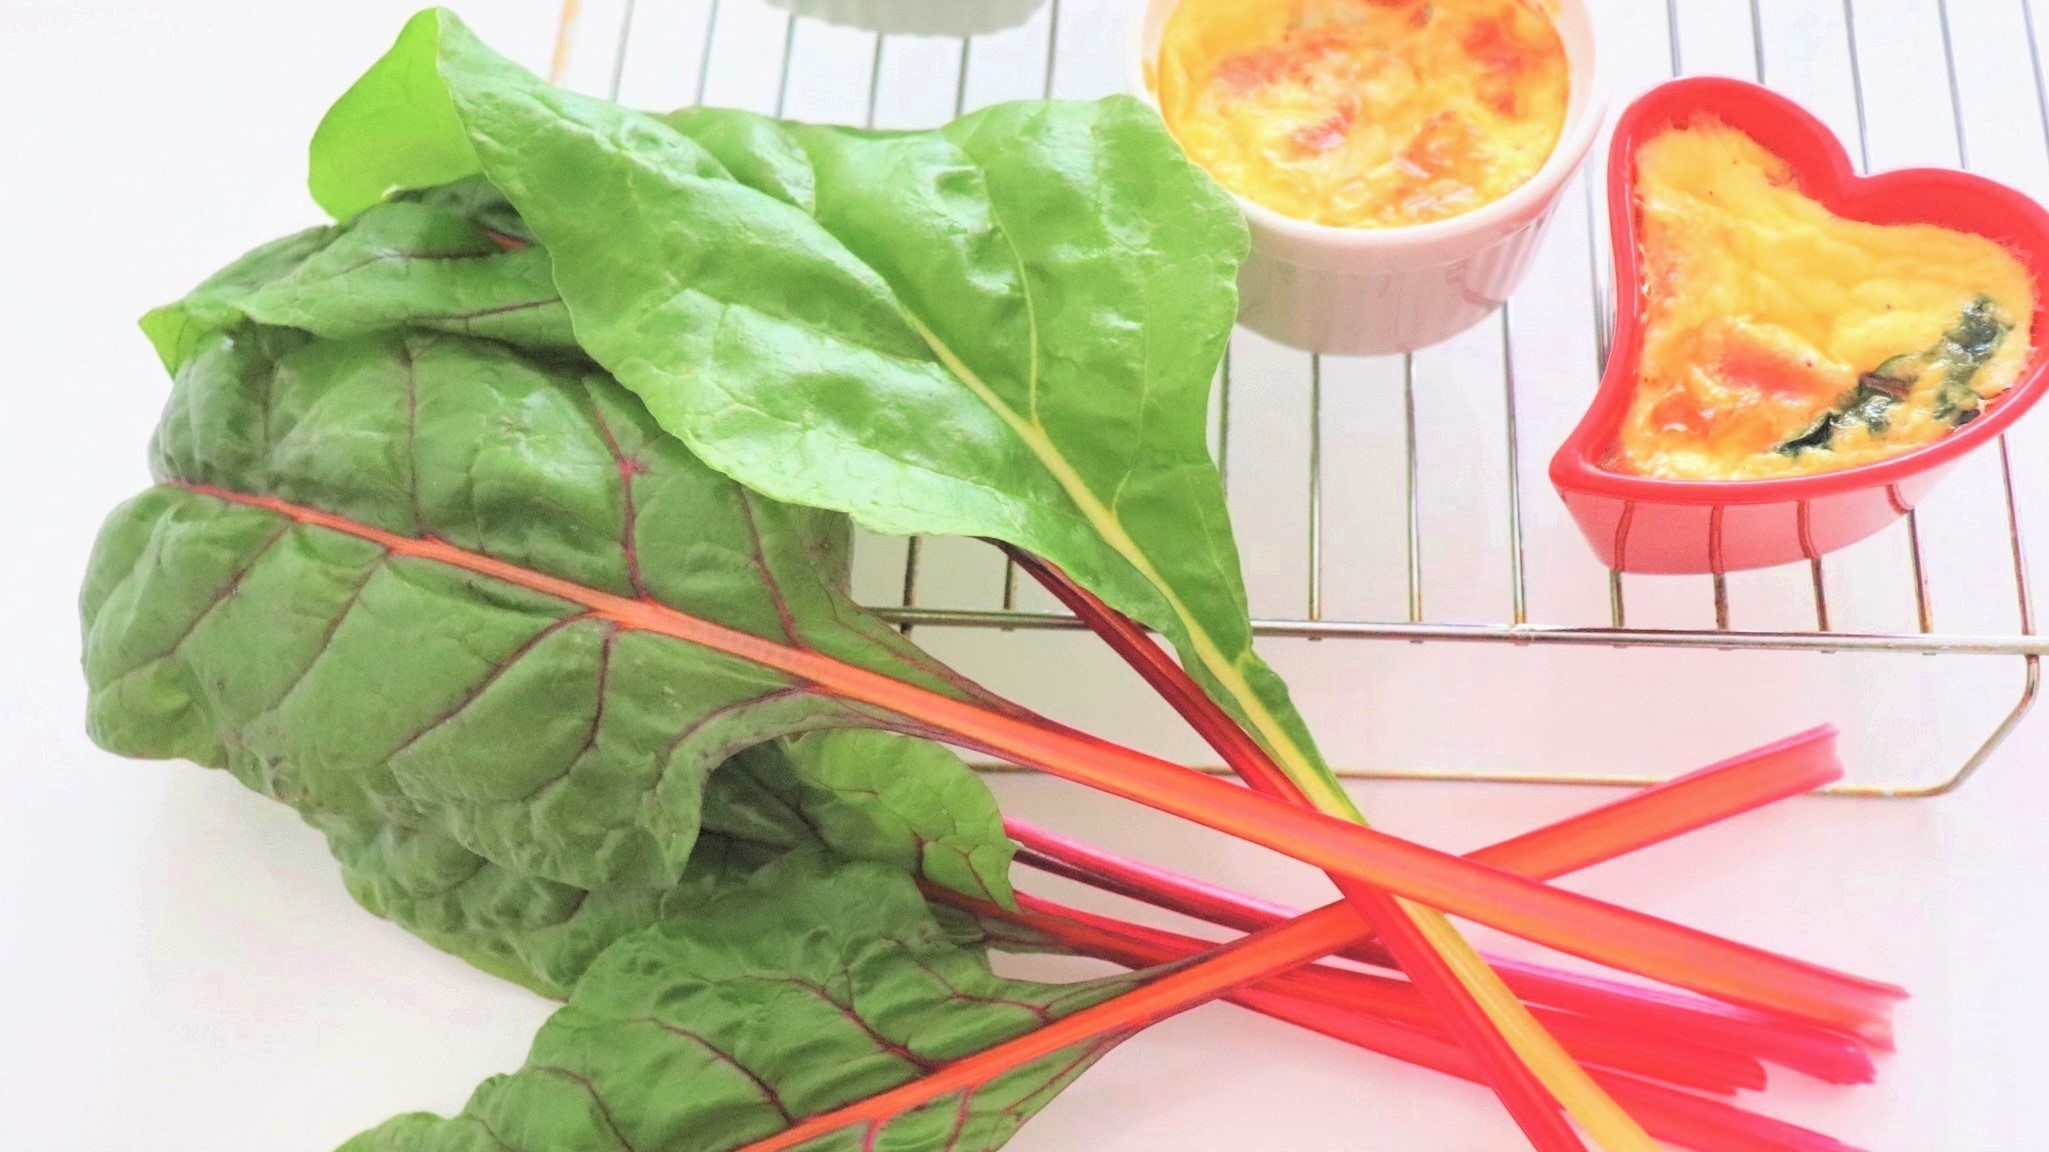 スイスチャードとは?野菜としての特徴やおすすめの食べ方をご紹介!